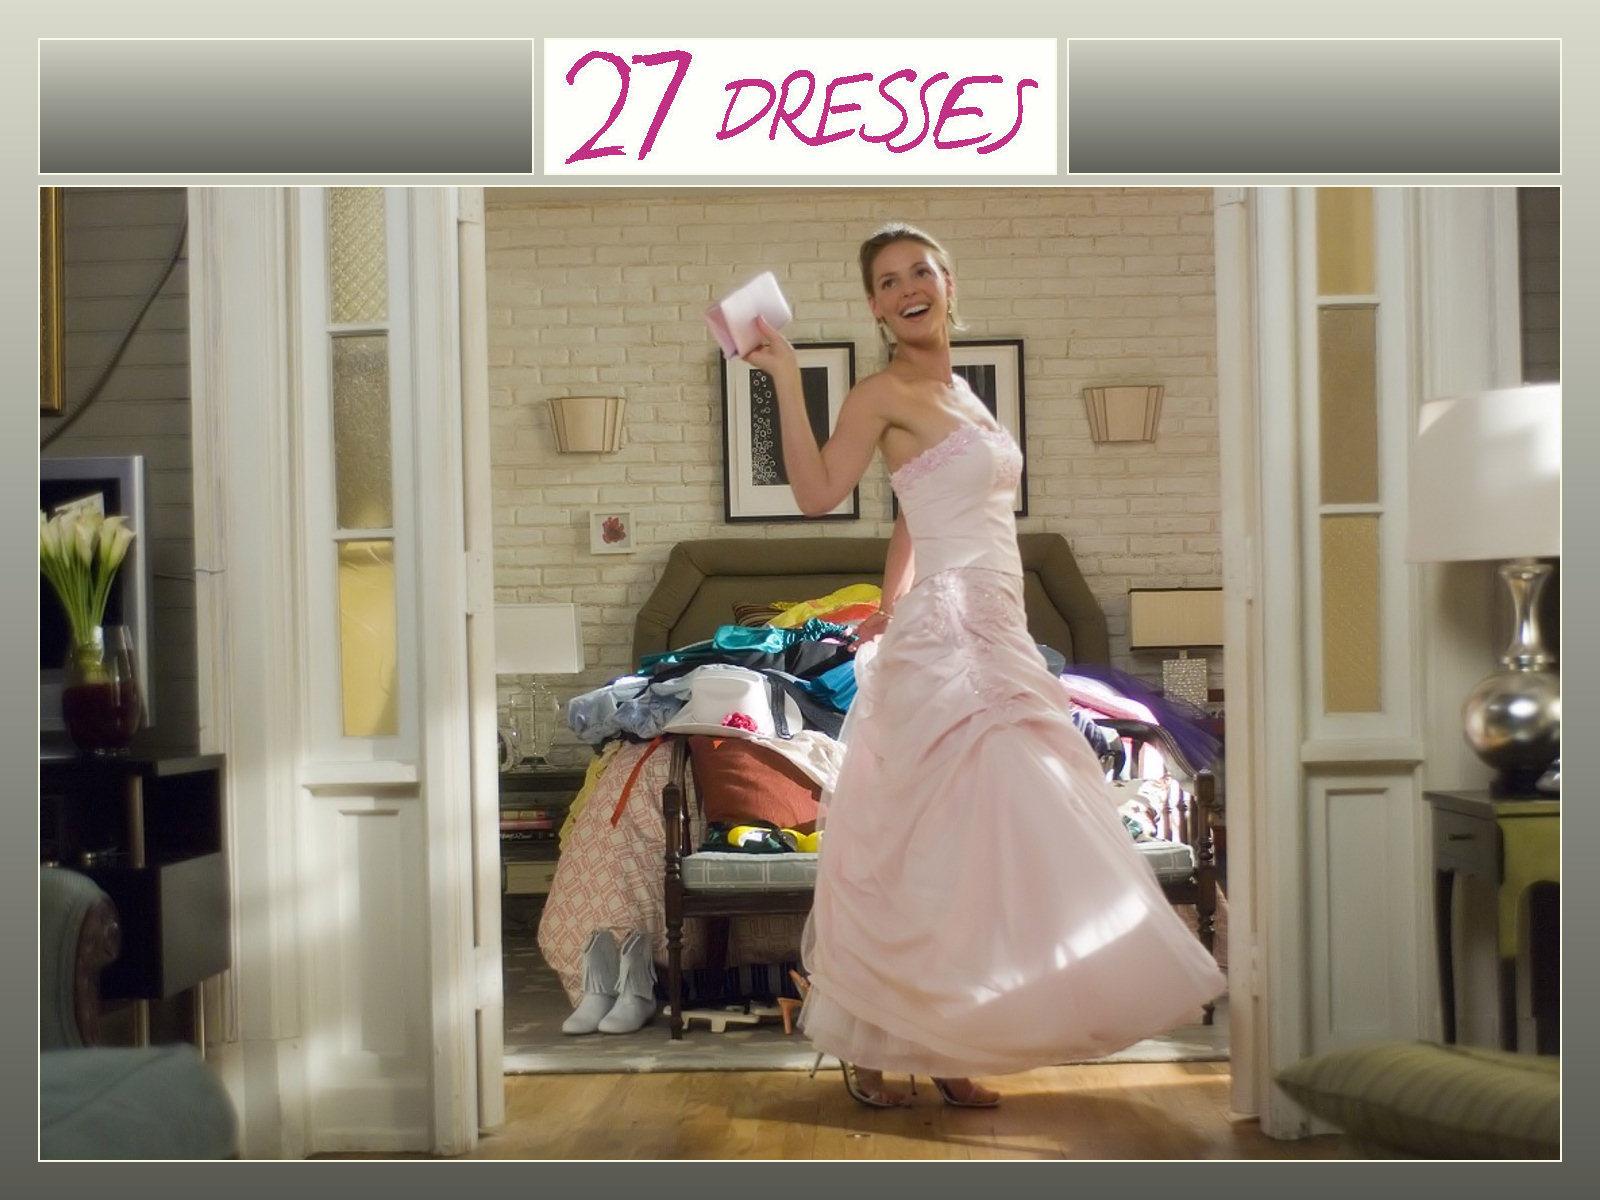 27 Dresses वॉलपेपर